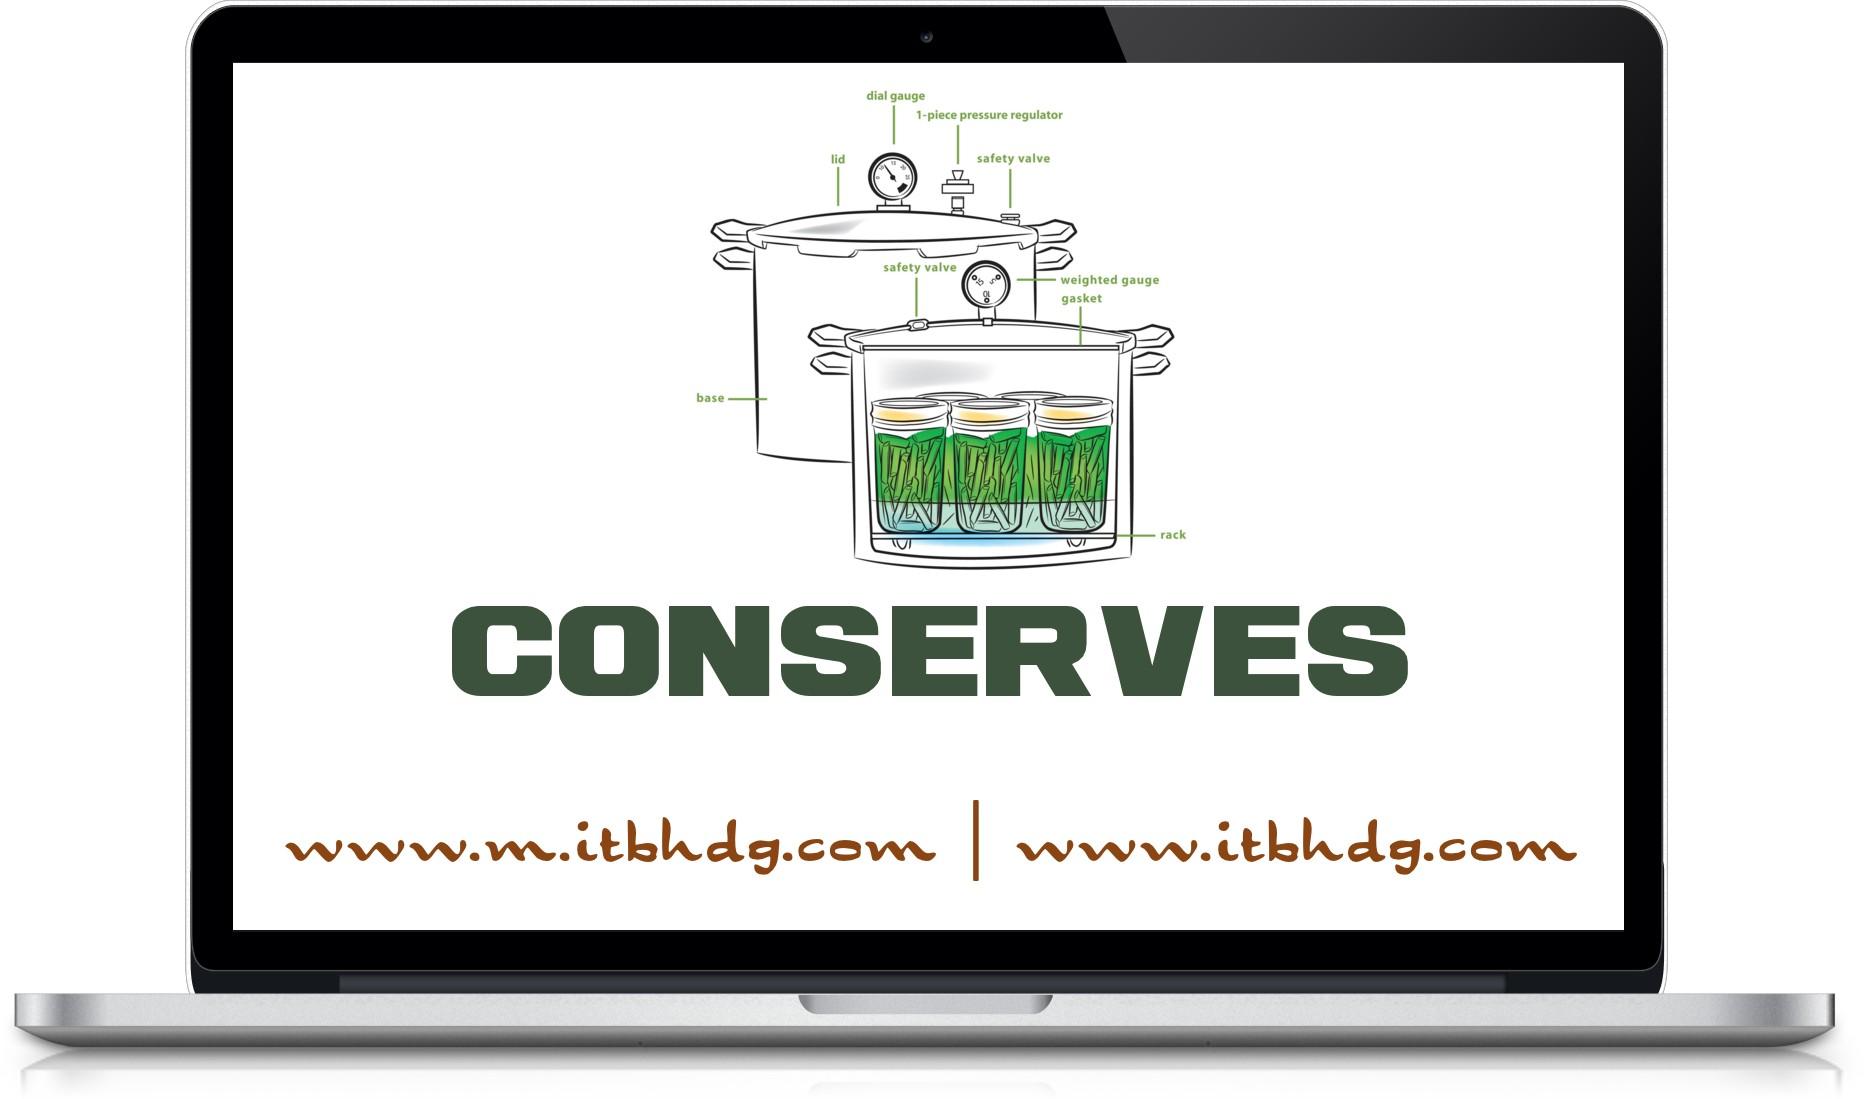 Enregistrement FCE de votre entreprise | www.m.itbhdg.com | www.itbhdg.com